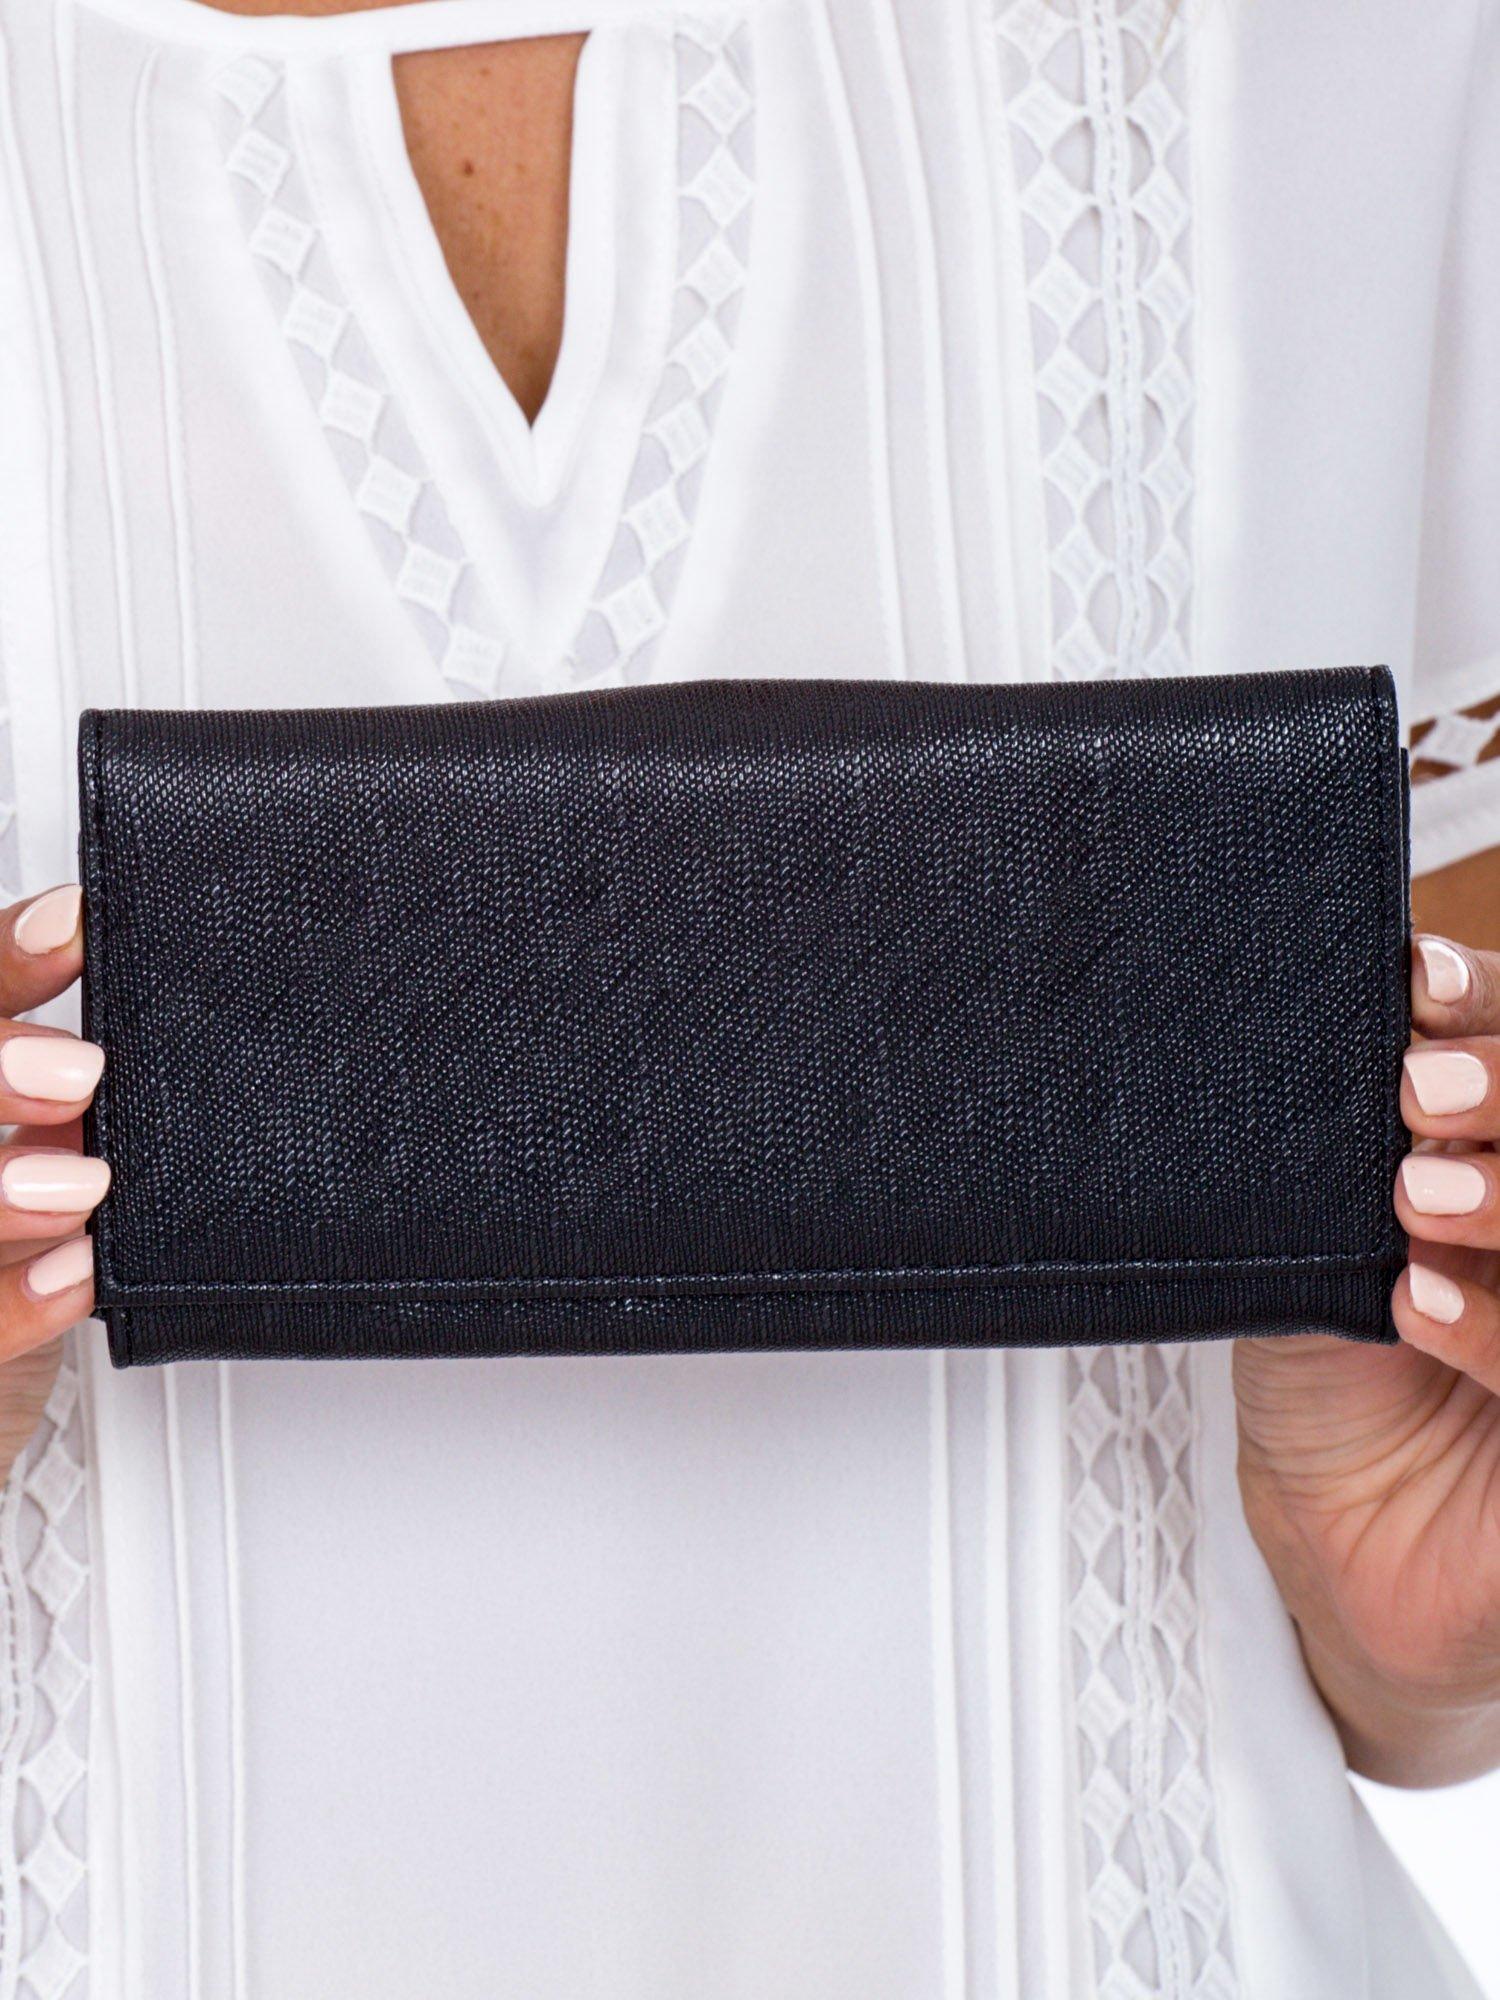 e1d53b1473982 Czarny portfel damski z zapięciem na zatrzask - Akcesoria portfele ...